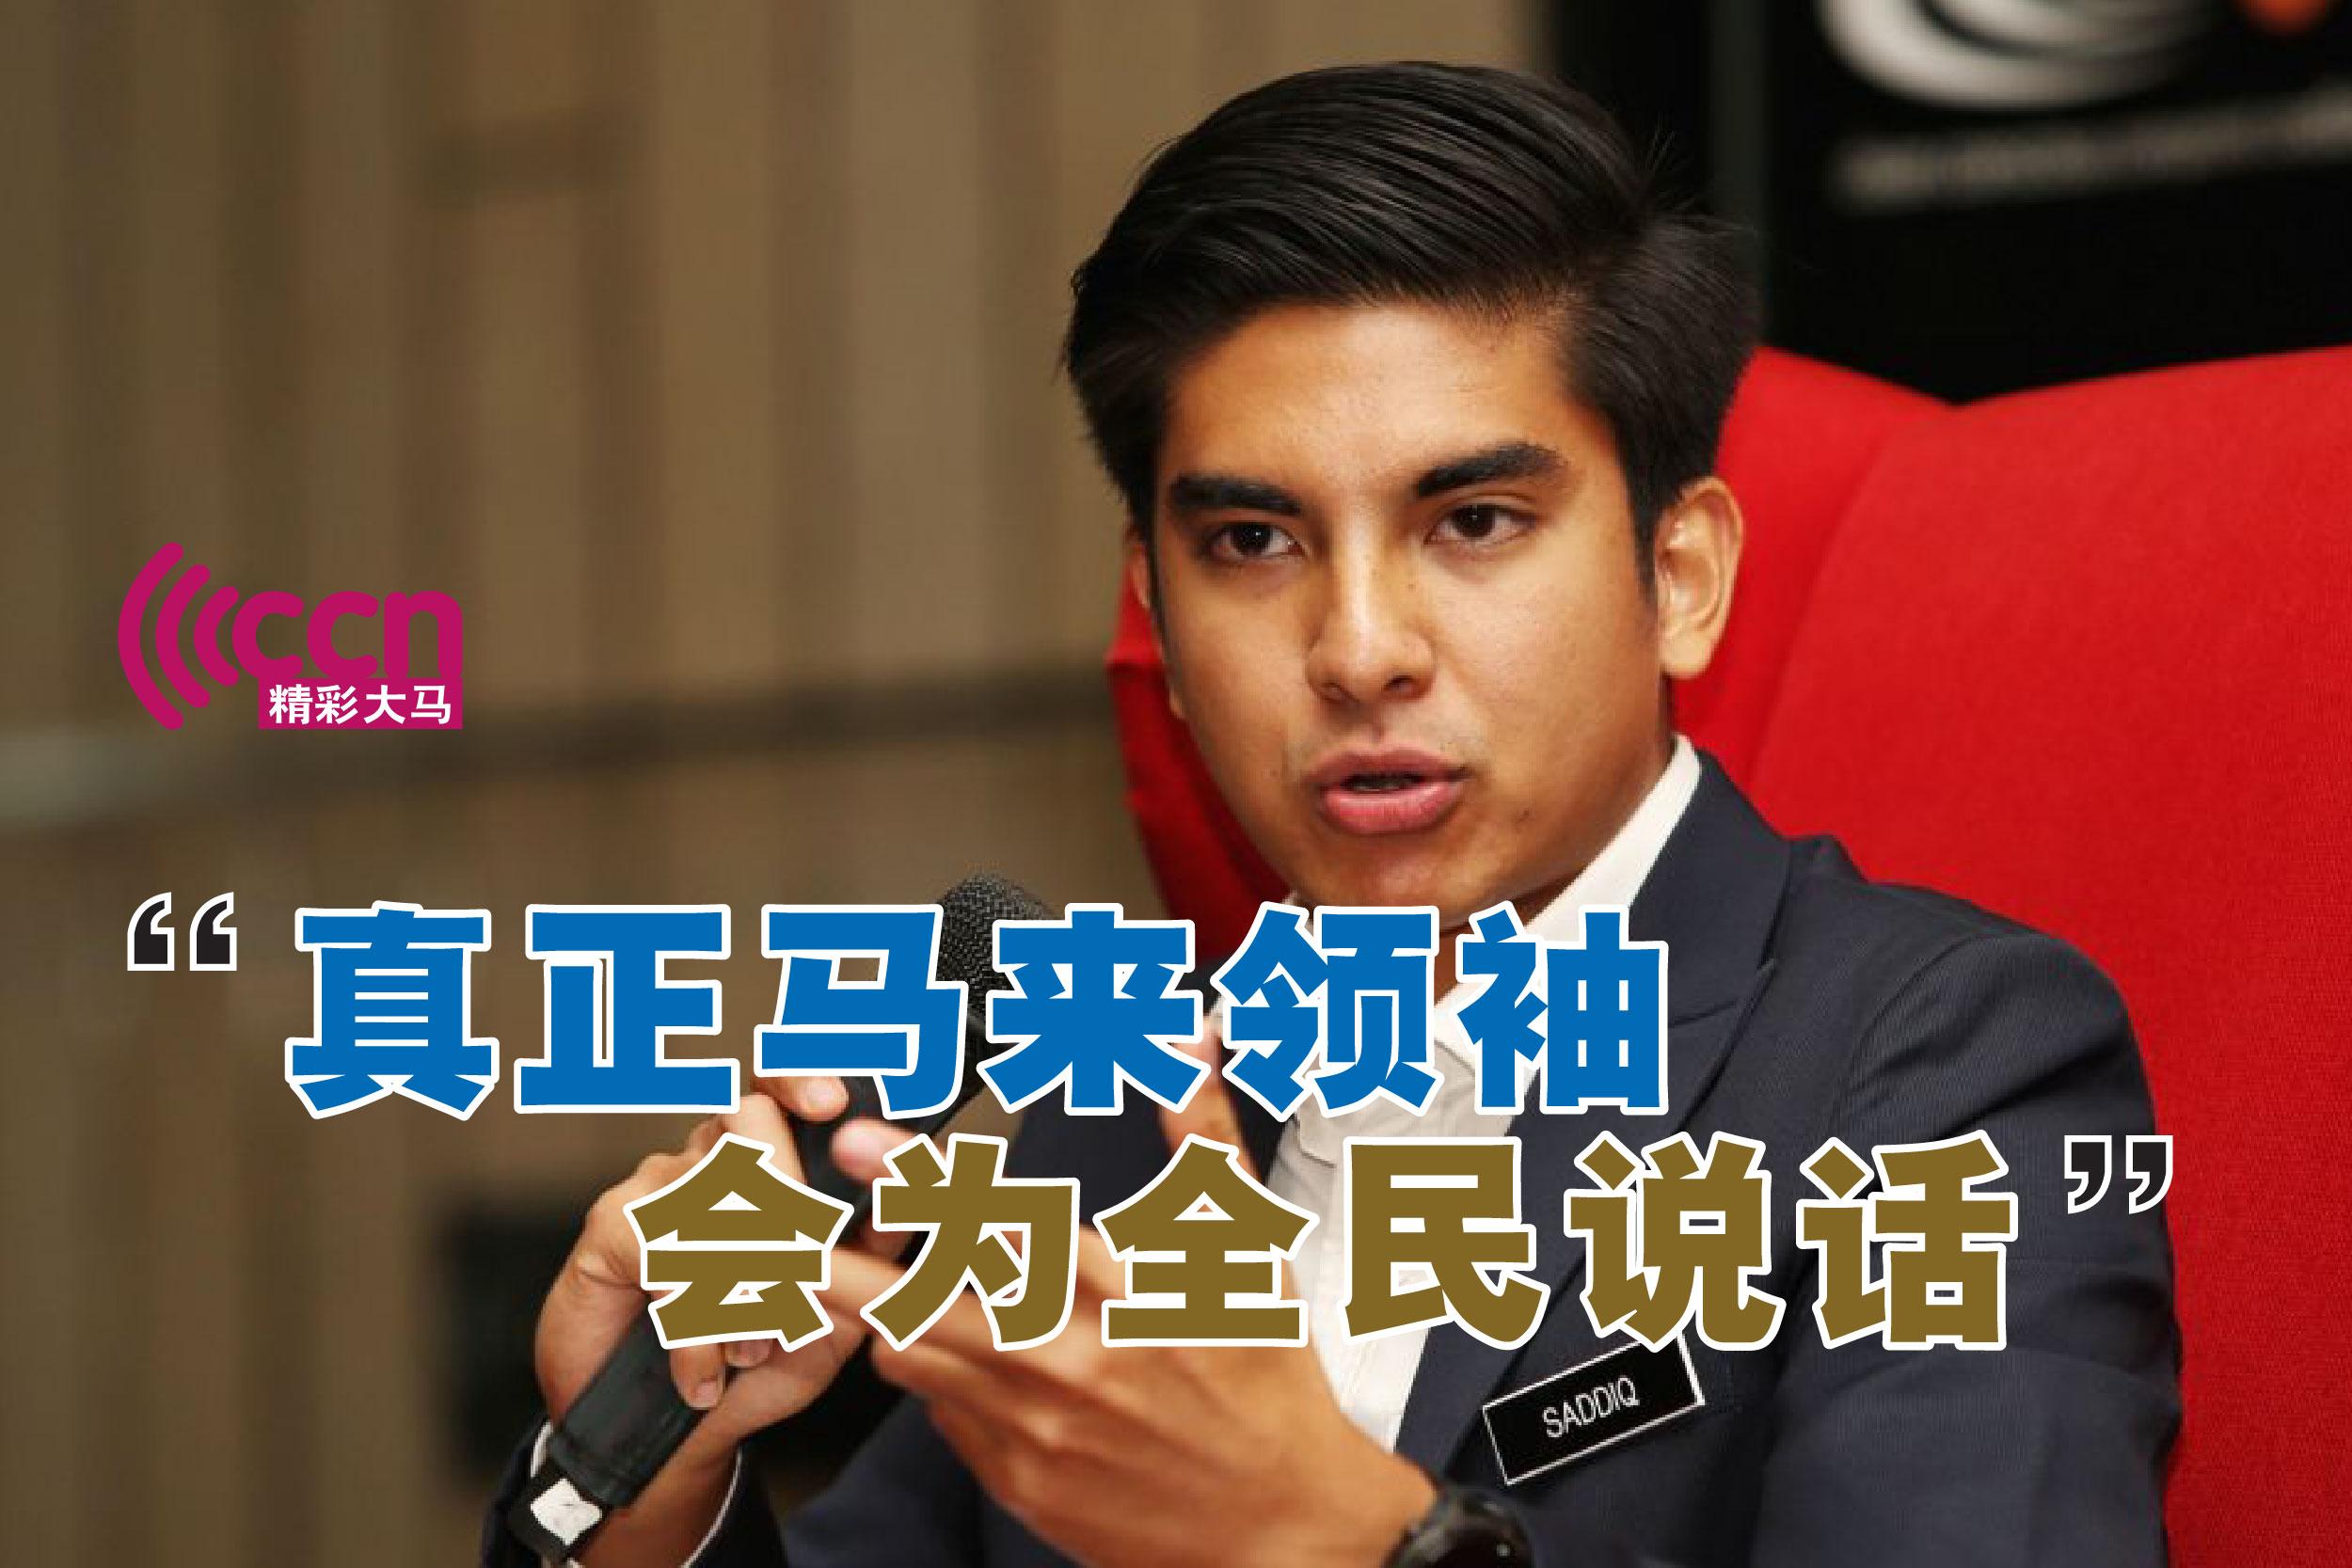 赛沙迪强调,真正的马来领袖会为马来西亚全民说话。 -精彩大马制图-